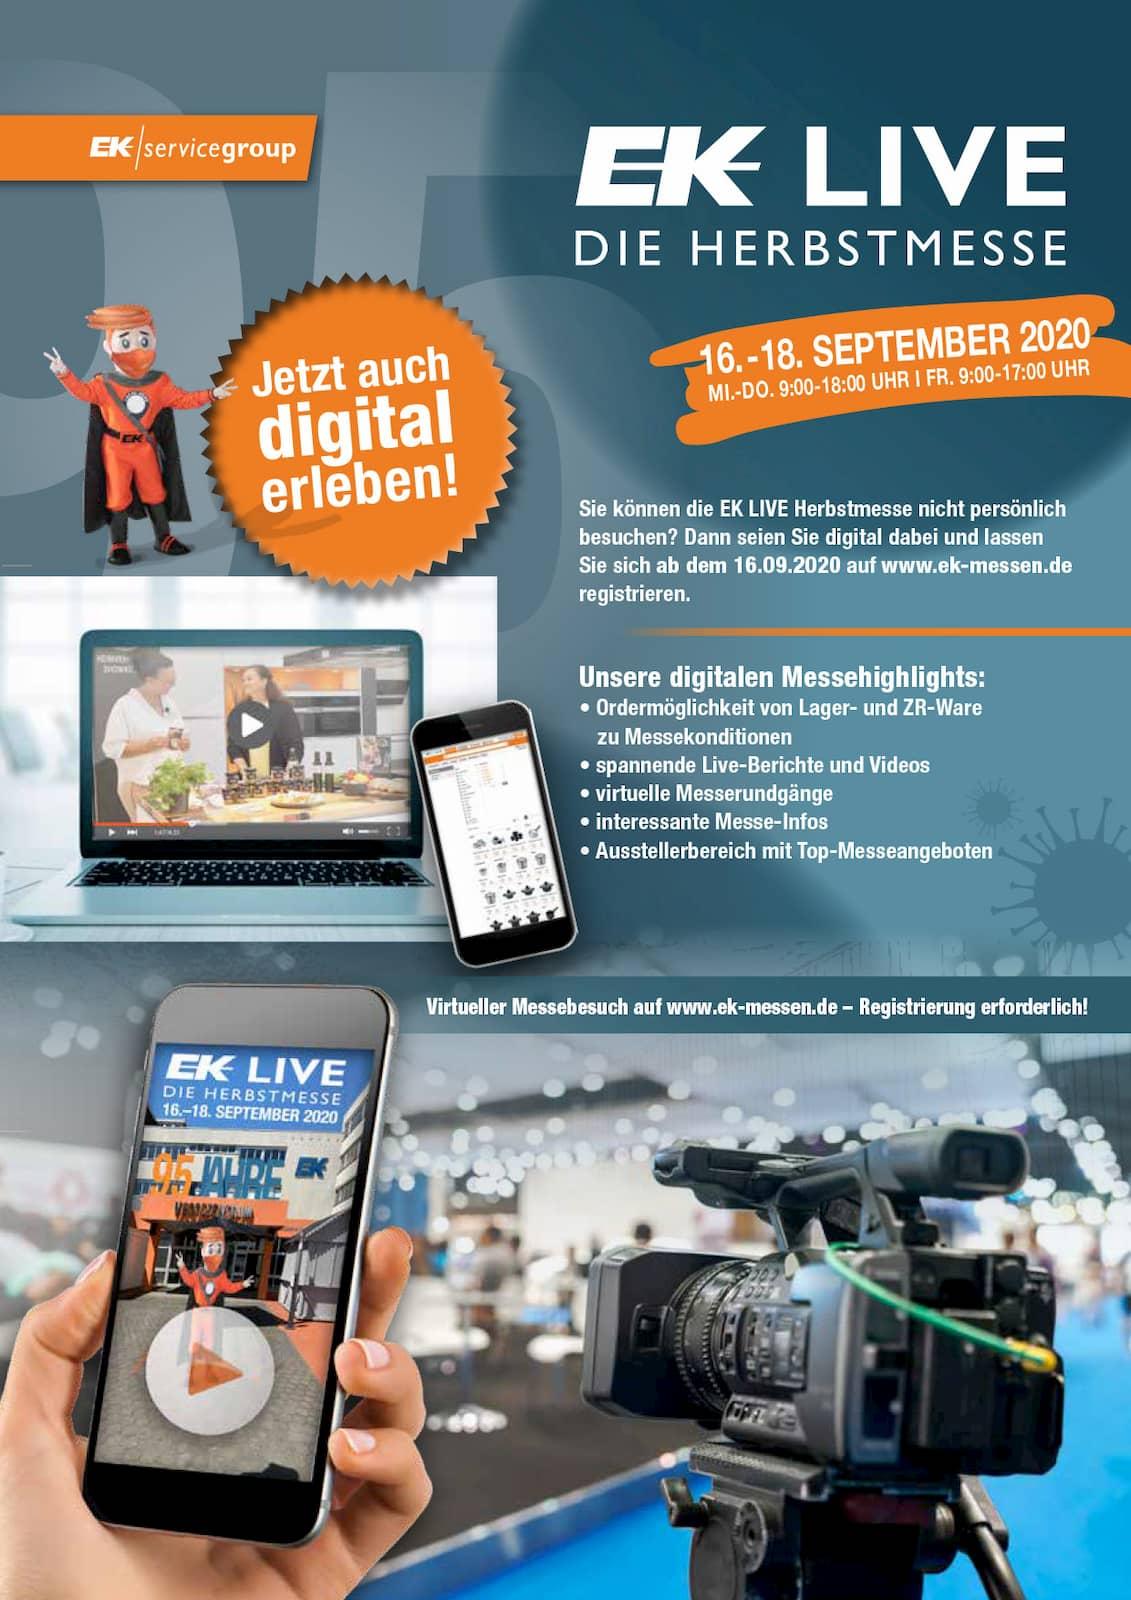 Lässt sich Mitte September als Hybridmesse auch digital erleben: die Herbstmesse EK Live der EK/servicegroup.